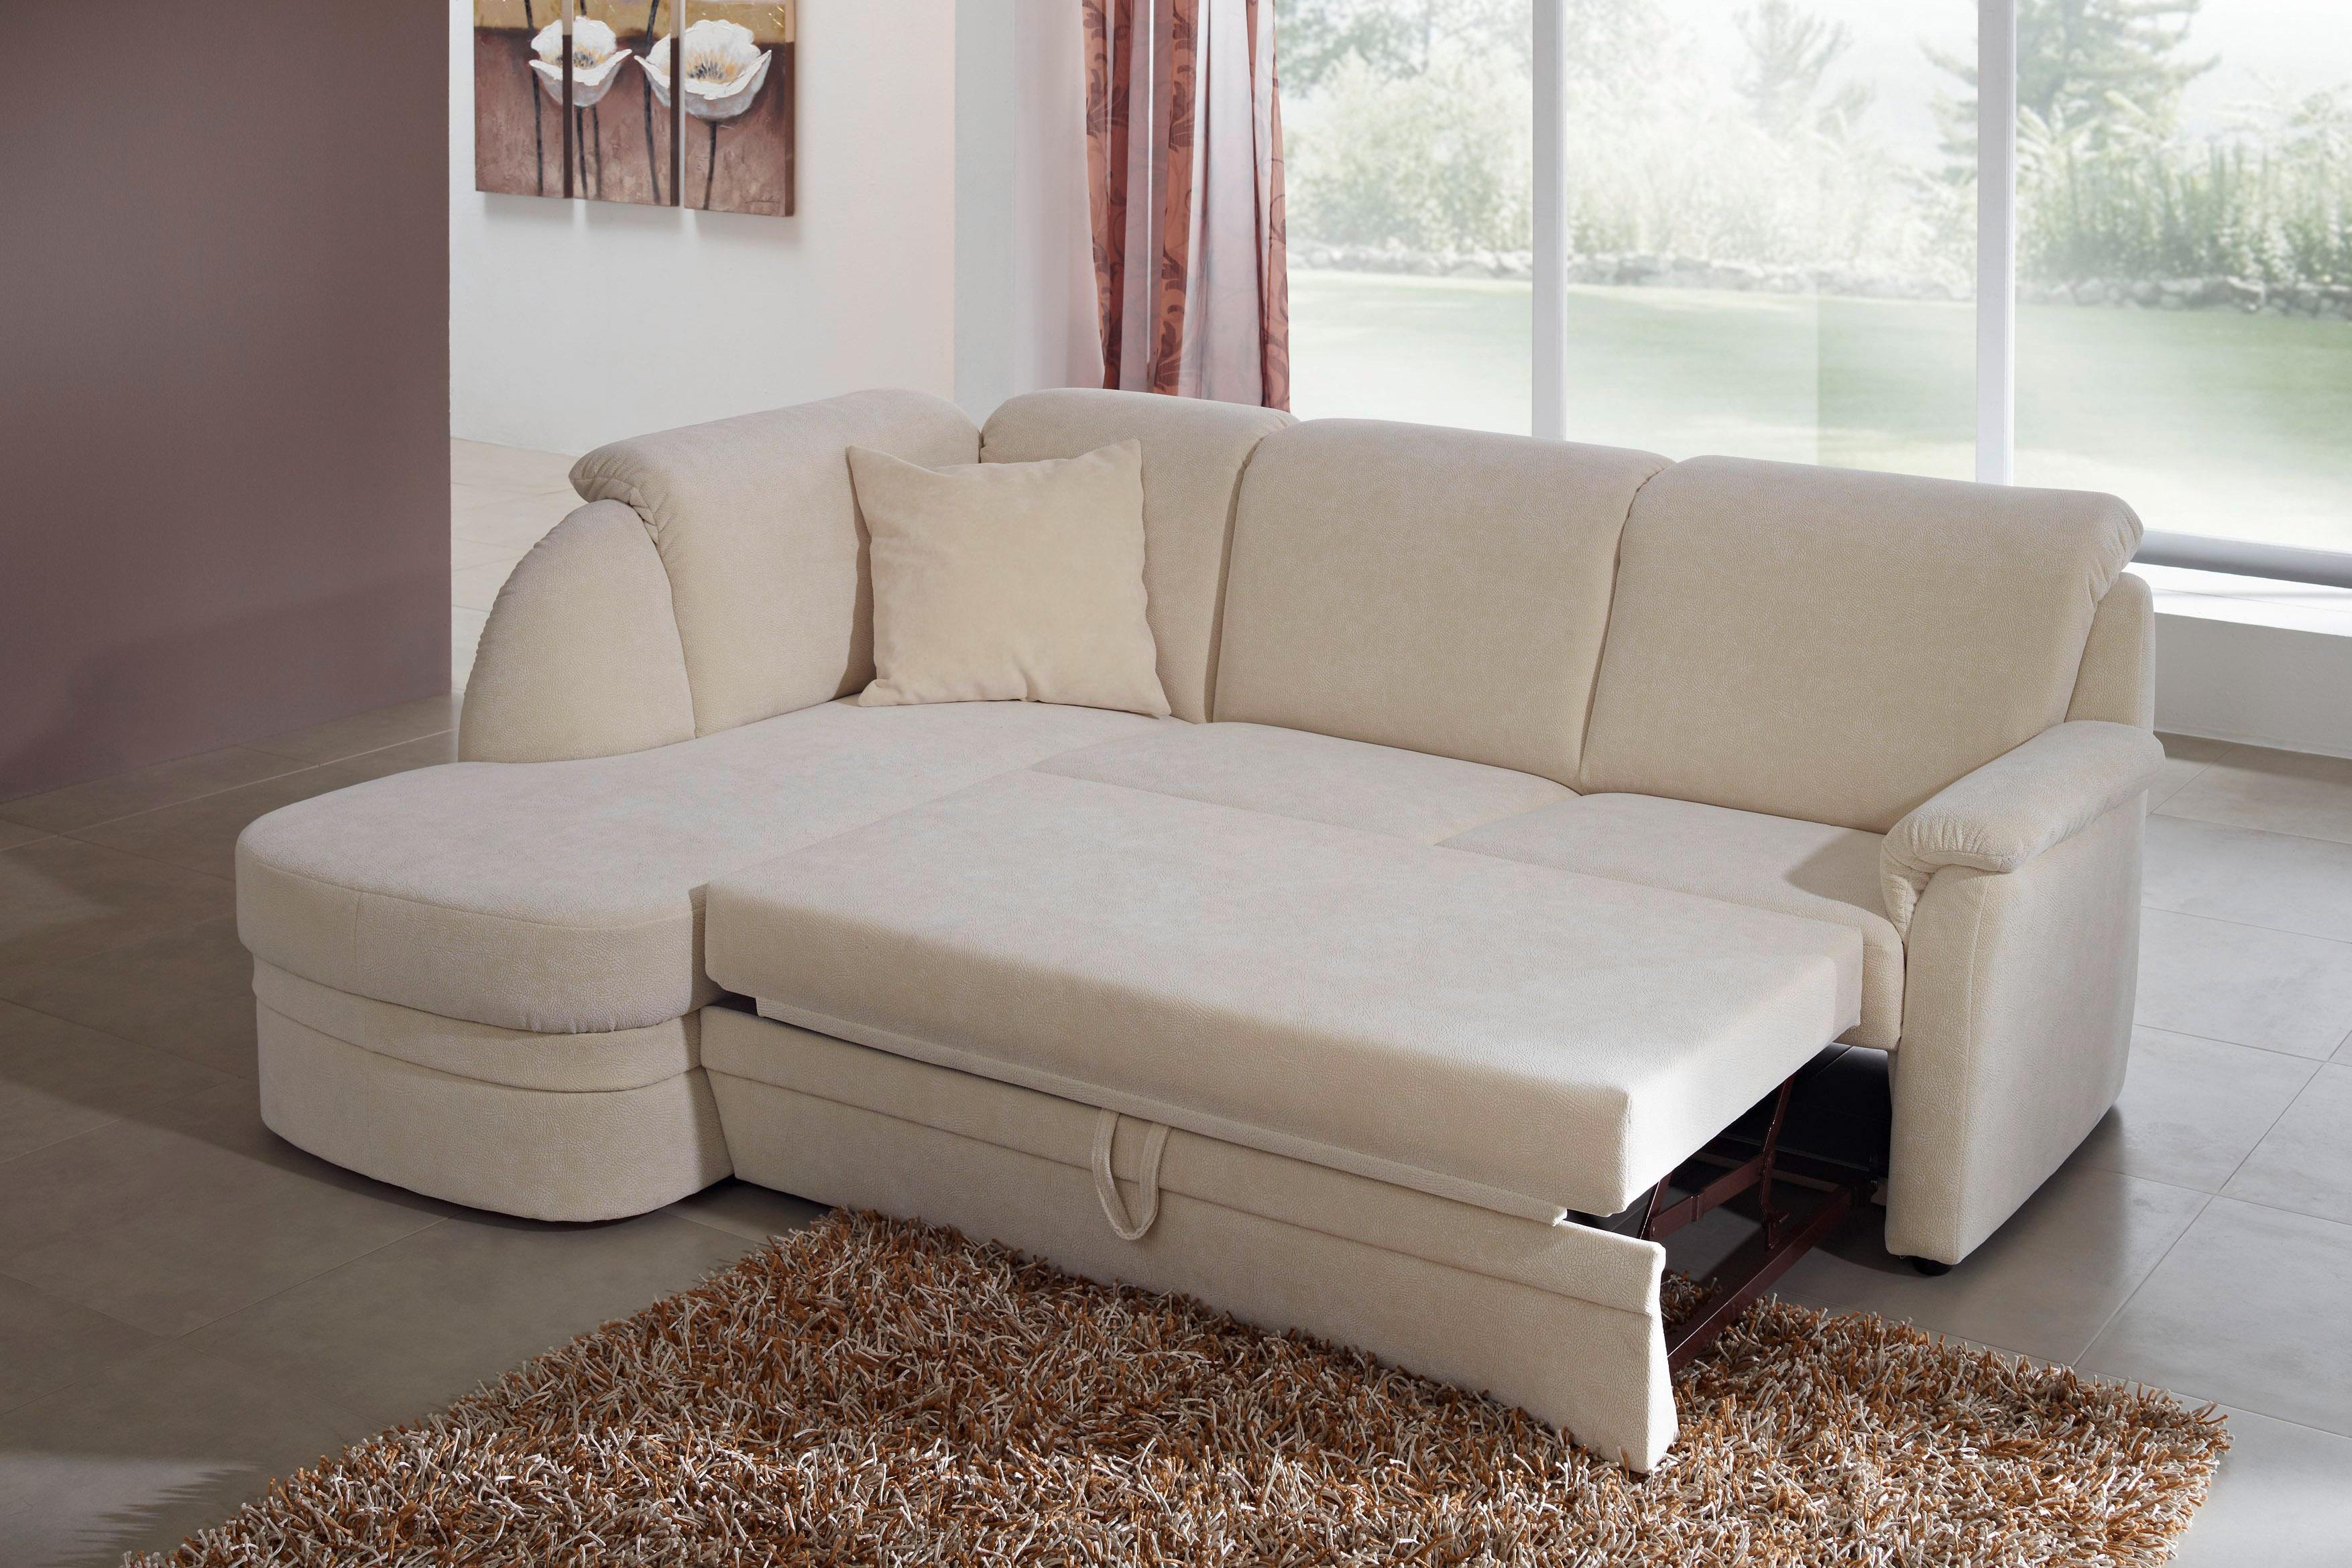 polstergarnitur florenz creme von dietsch m bel letz ihr online shop. Black Bedroom Furniture Sets. Home Design Ideas